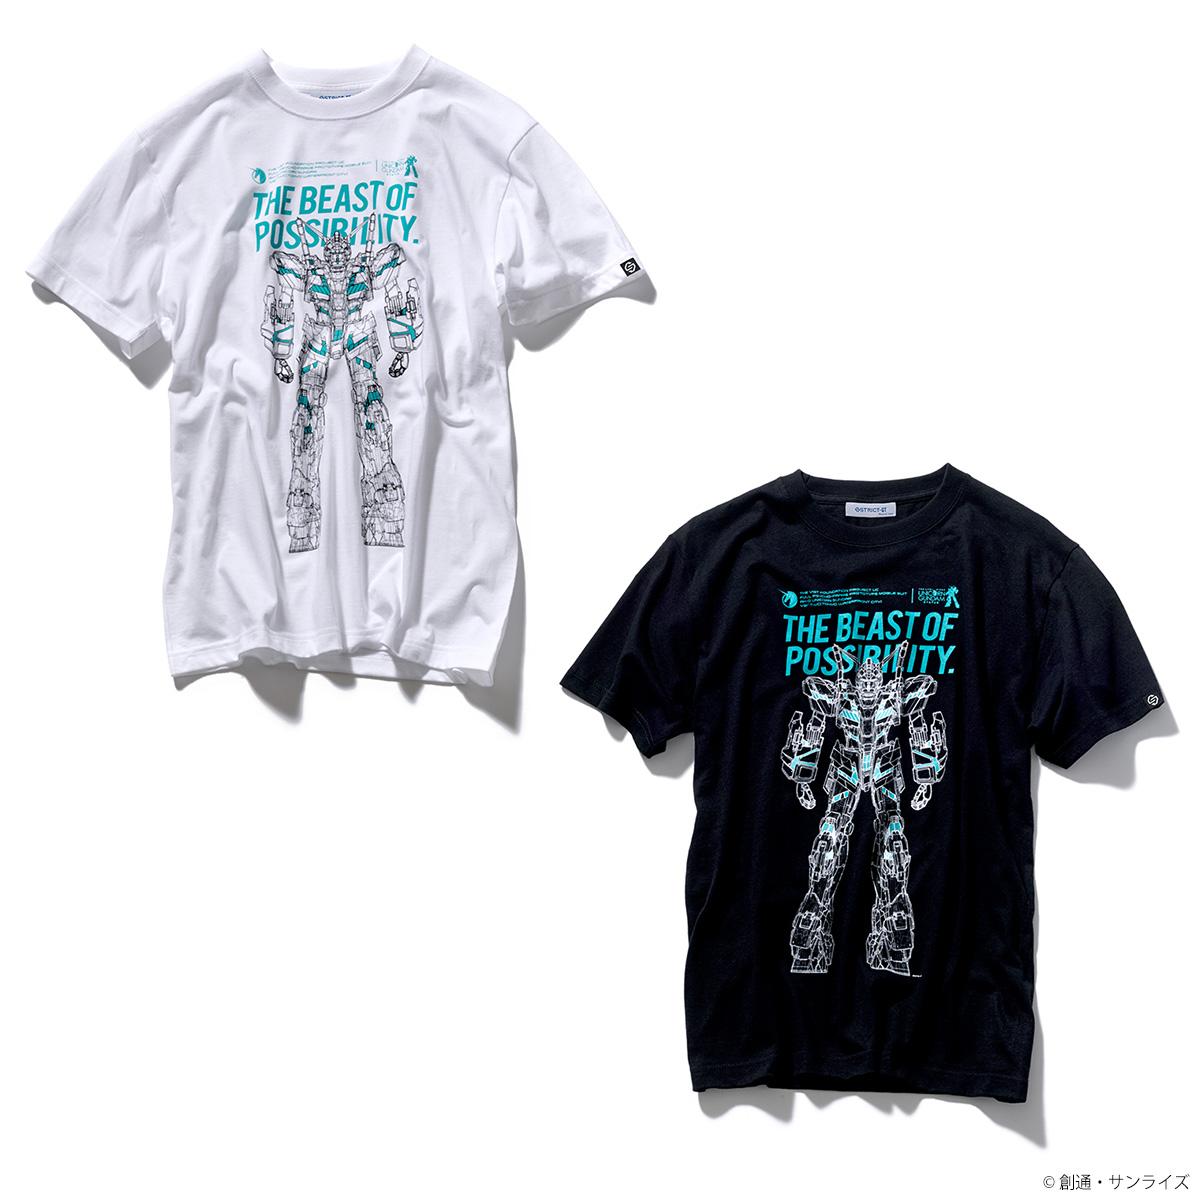 『実物大ユニコーンガンダム立像』新柄Tシャツ発売!